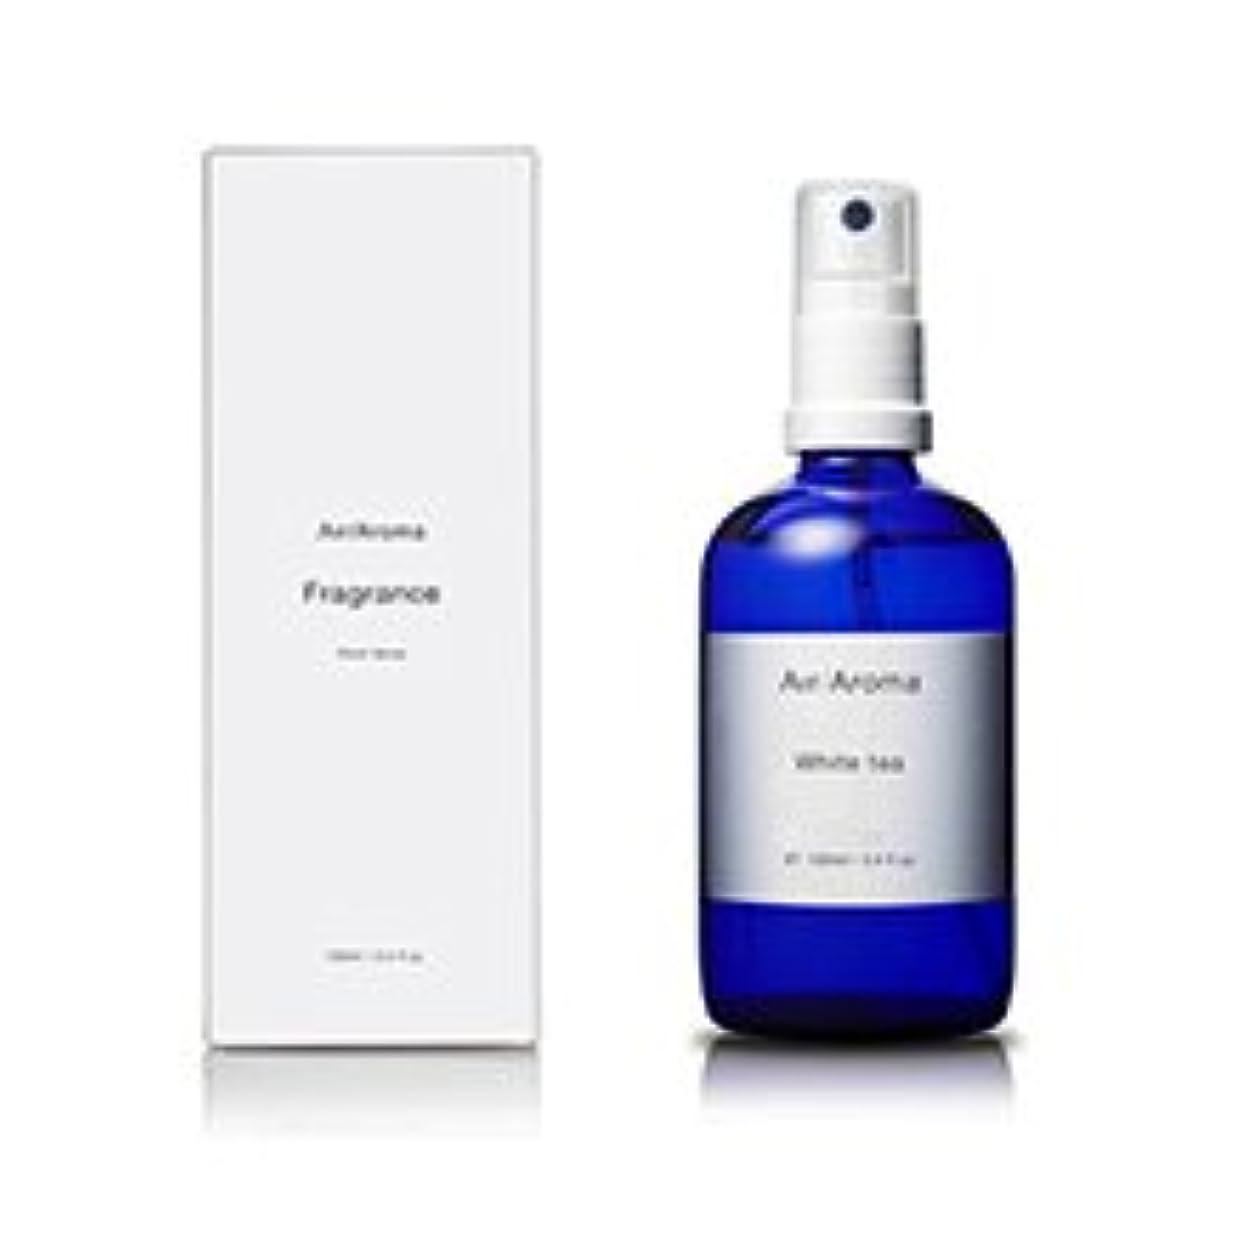 発明する有罪警戒エアアロマ white tea room fragrance(ホワイトティ ルームフレグランス)100ml